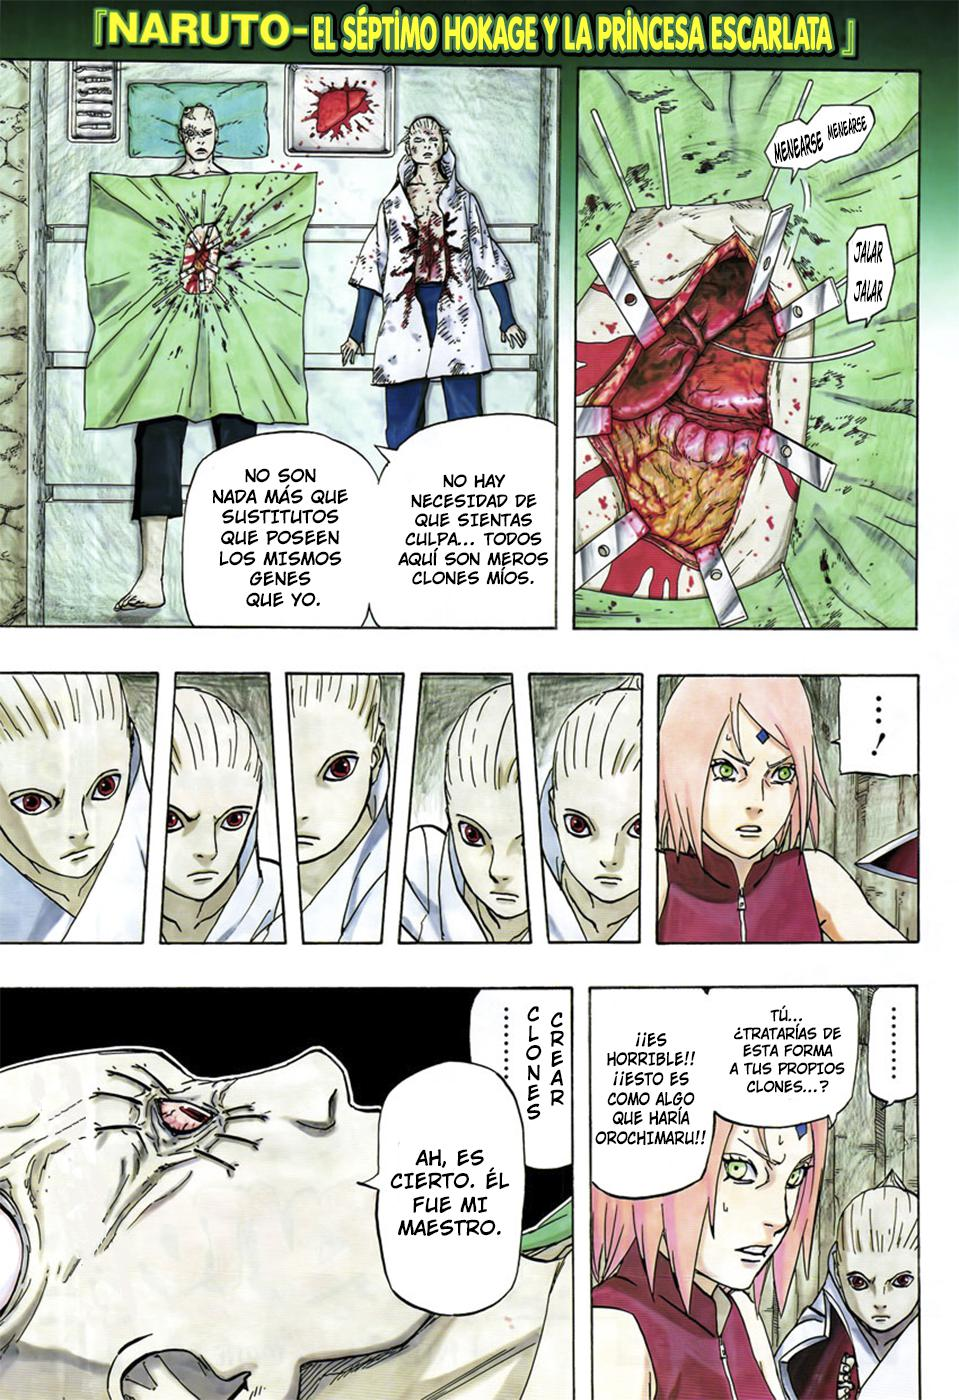 Naruto Gaiden Manga: NARUTO GAIDEN MANGA 700 + 7 MANGA CAP 7 ESPAÑOL